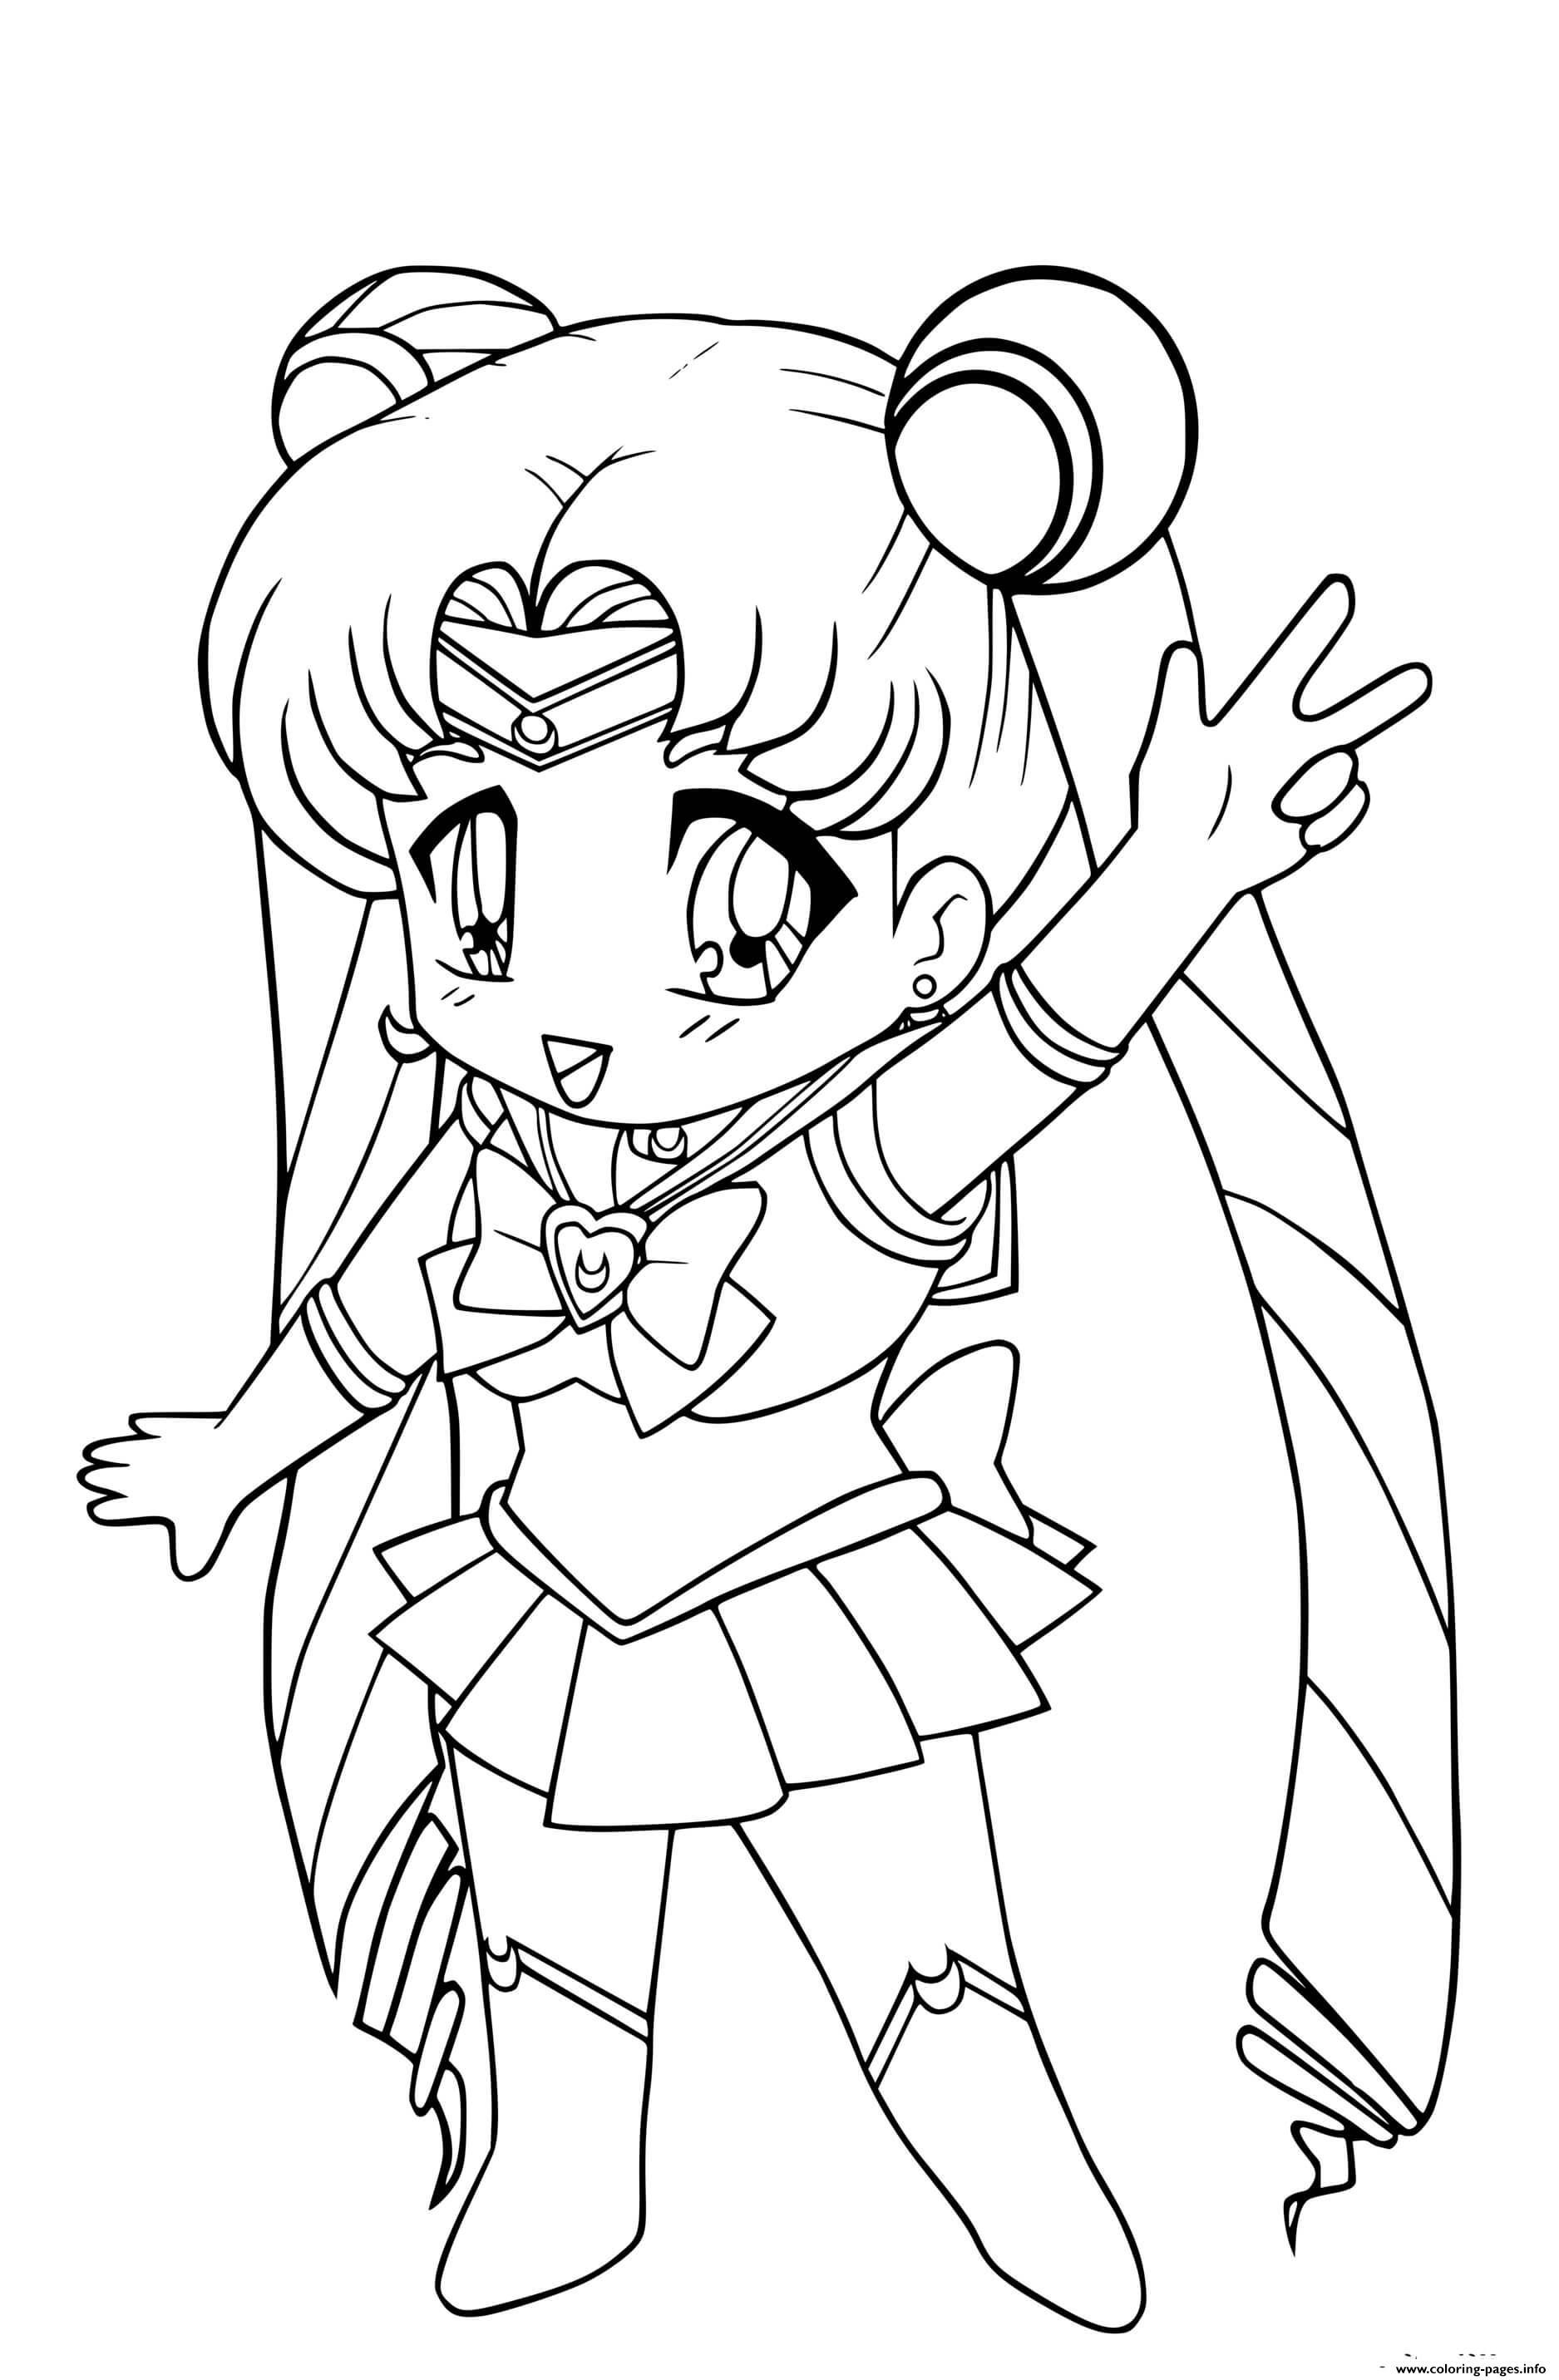 Chibi Sailor Moon Kawaii Coloring Pages Printable